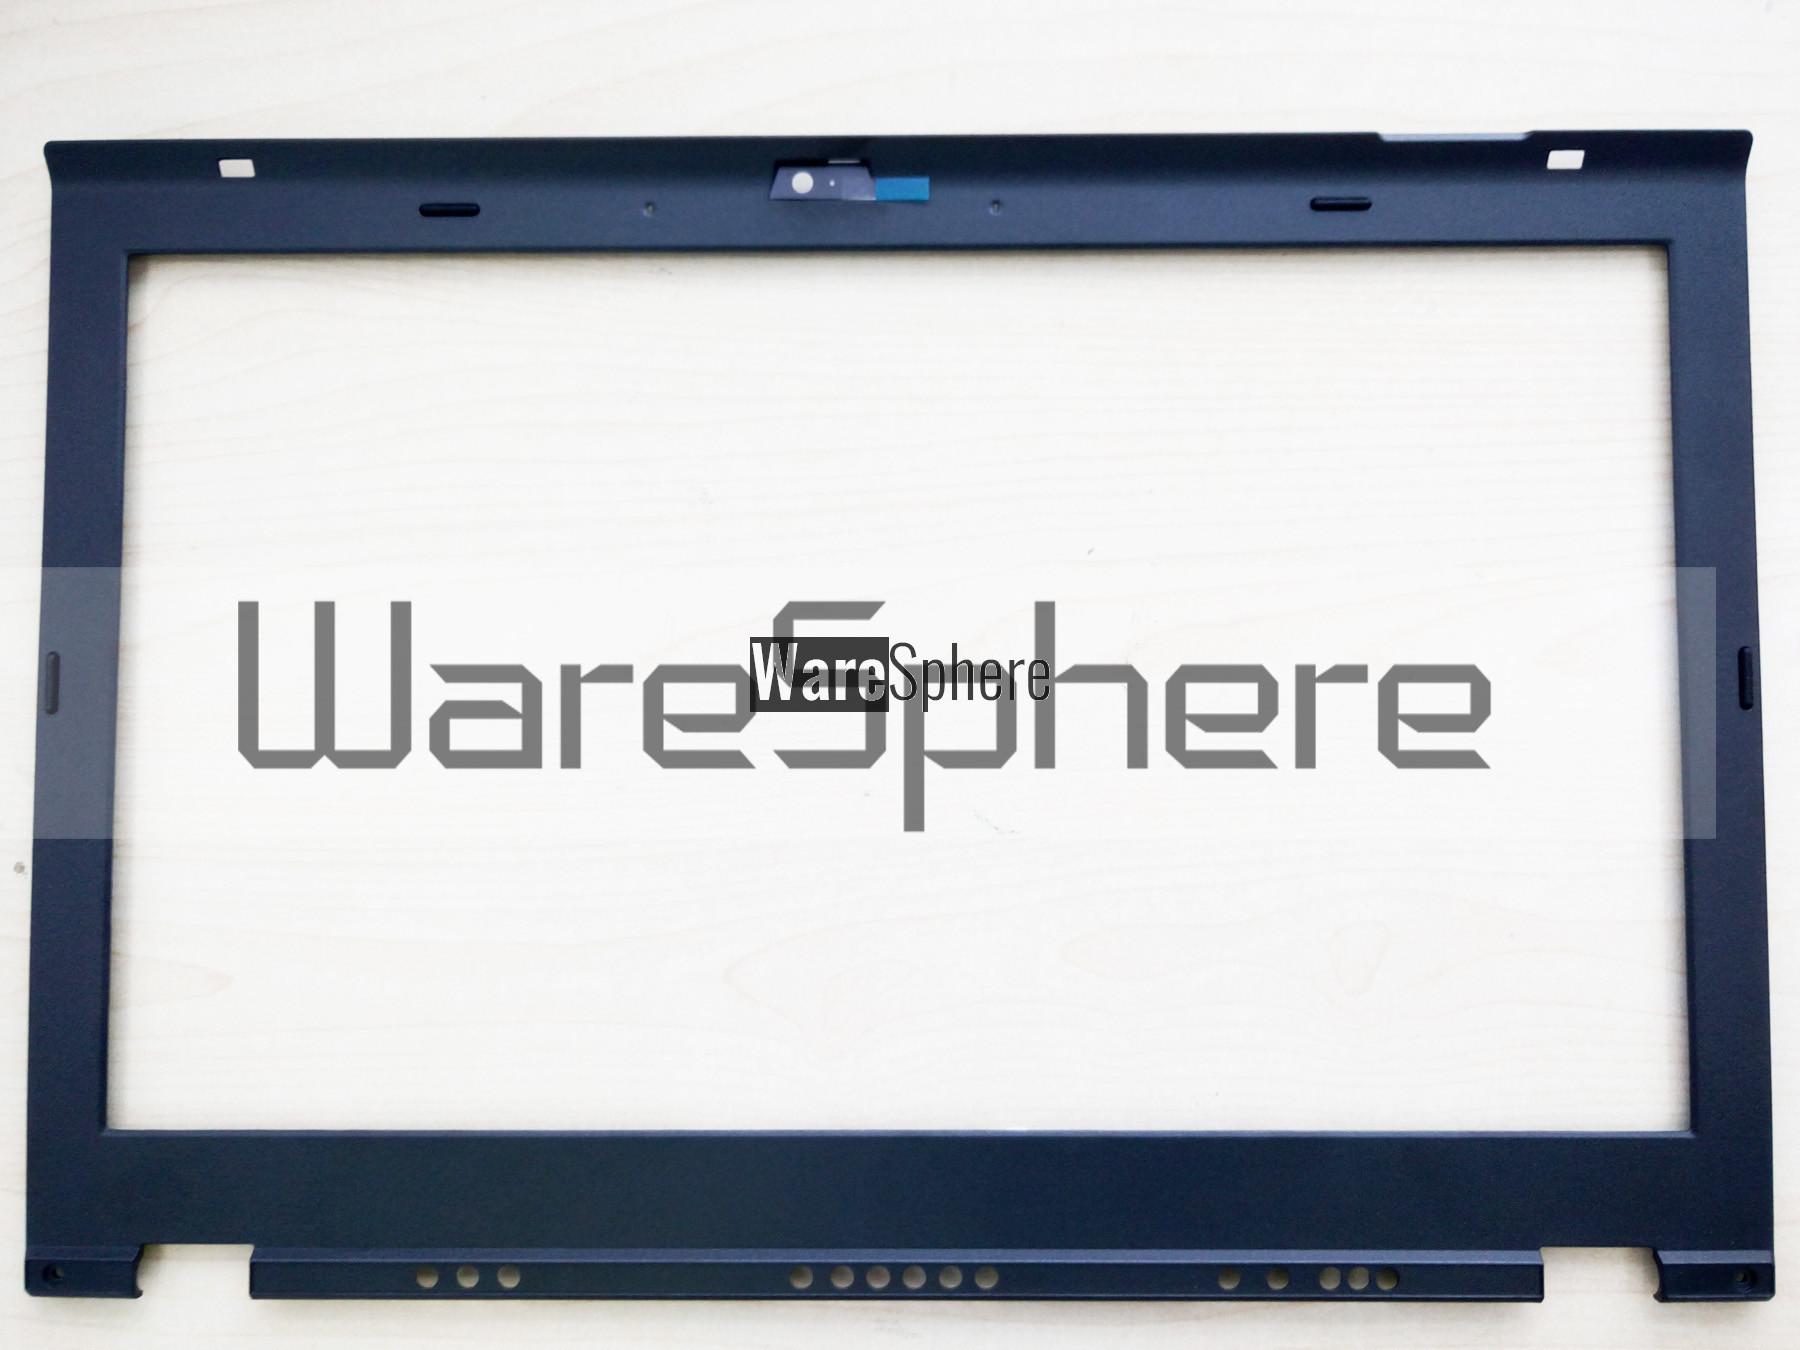 LCD Front Bezel LCD Bezel for Lenovo ThinkPad T430s 04W1675 60.4KF11.003